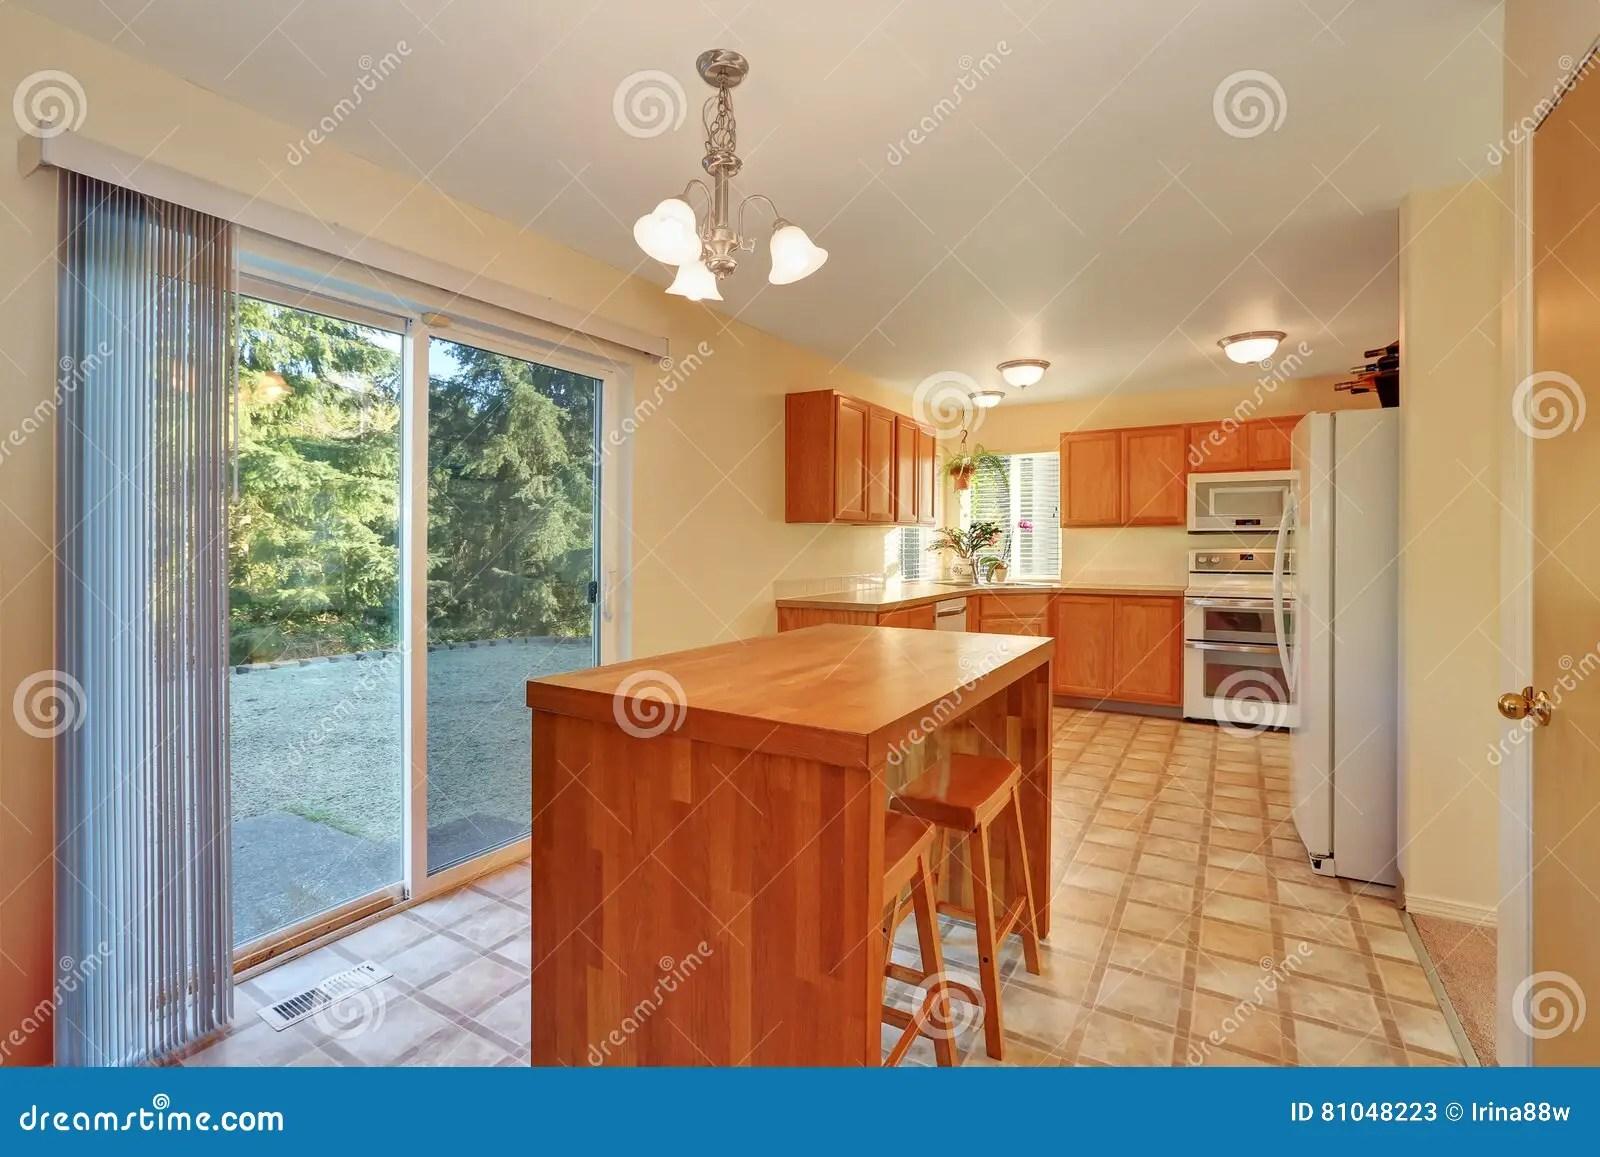 backyard kitchen designs cabinets long island 与高凳和玻璃门的饭厅对后院库存图片 图片包括有厨房 灌肠器 拱道 与高凳和玻璃门的饭厅对后院